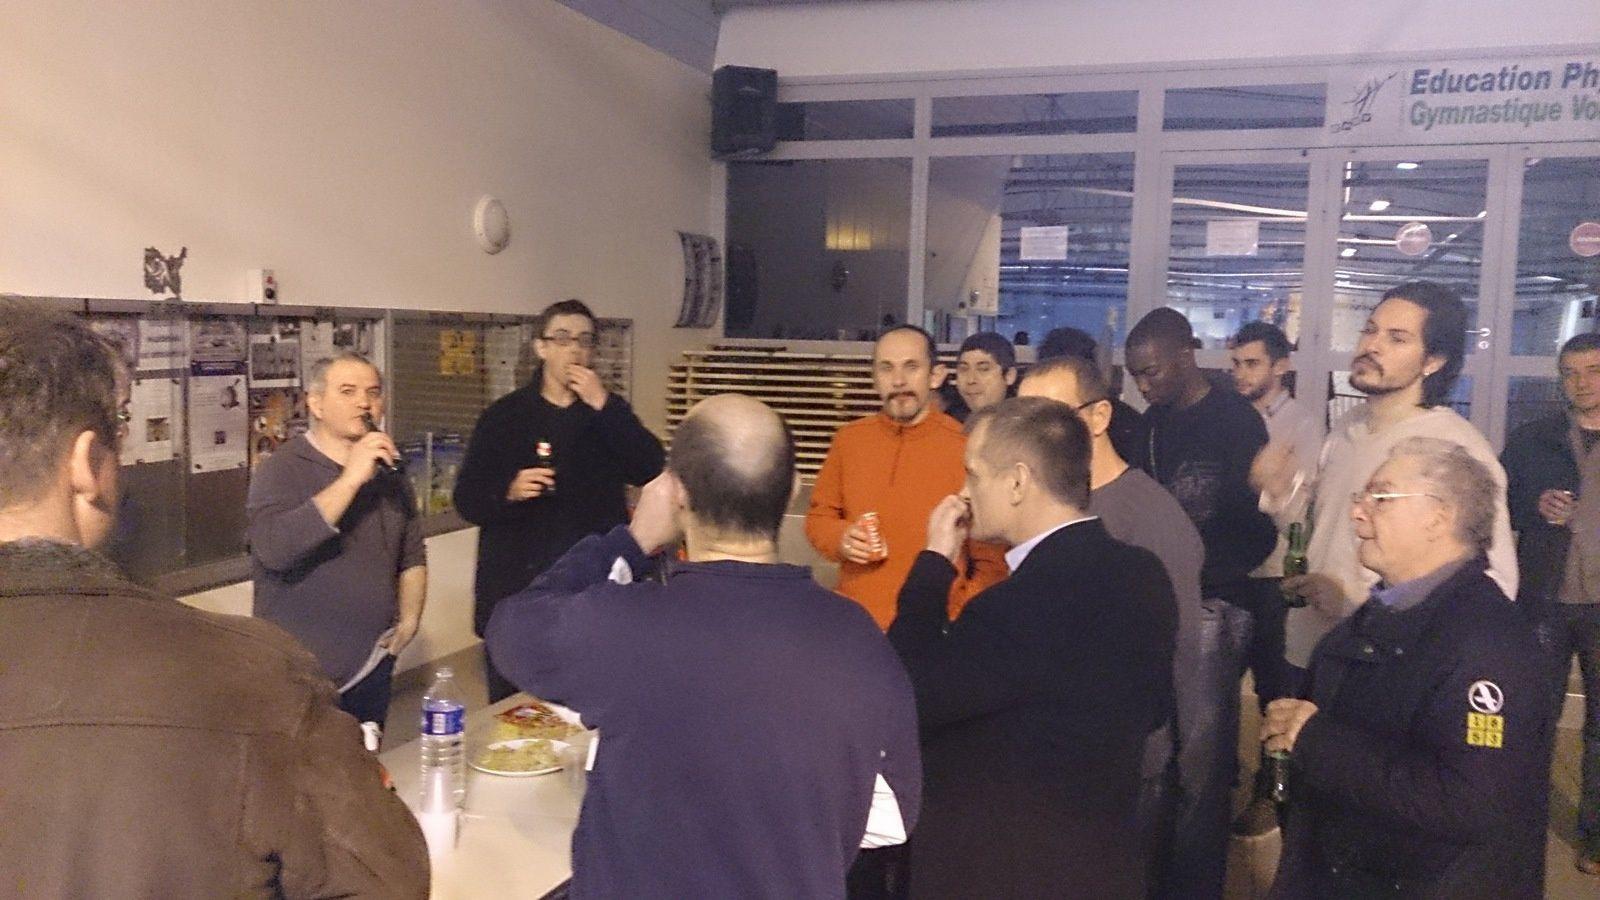 Merci à Philippe Montagnier pour son enseignement, merci aux participants des différents clubs d'avoir été présents !!!!!